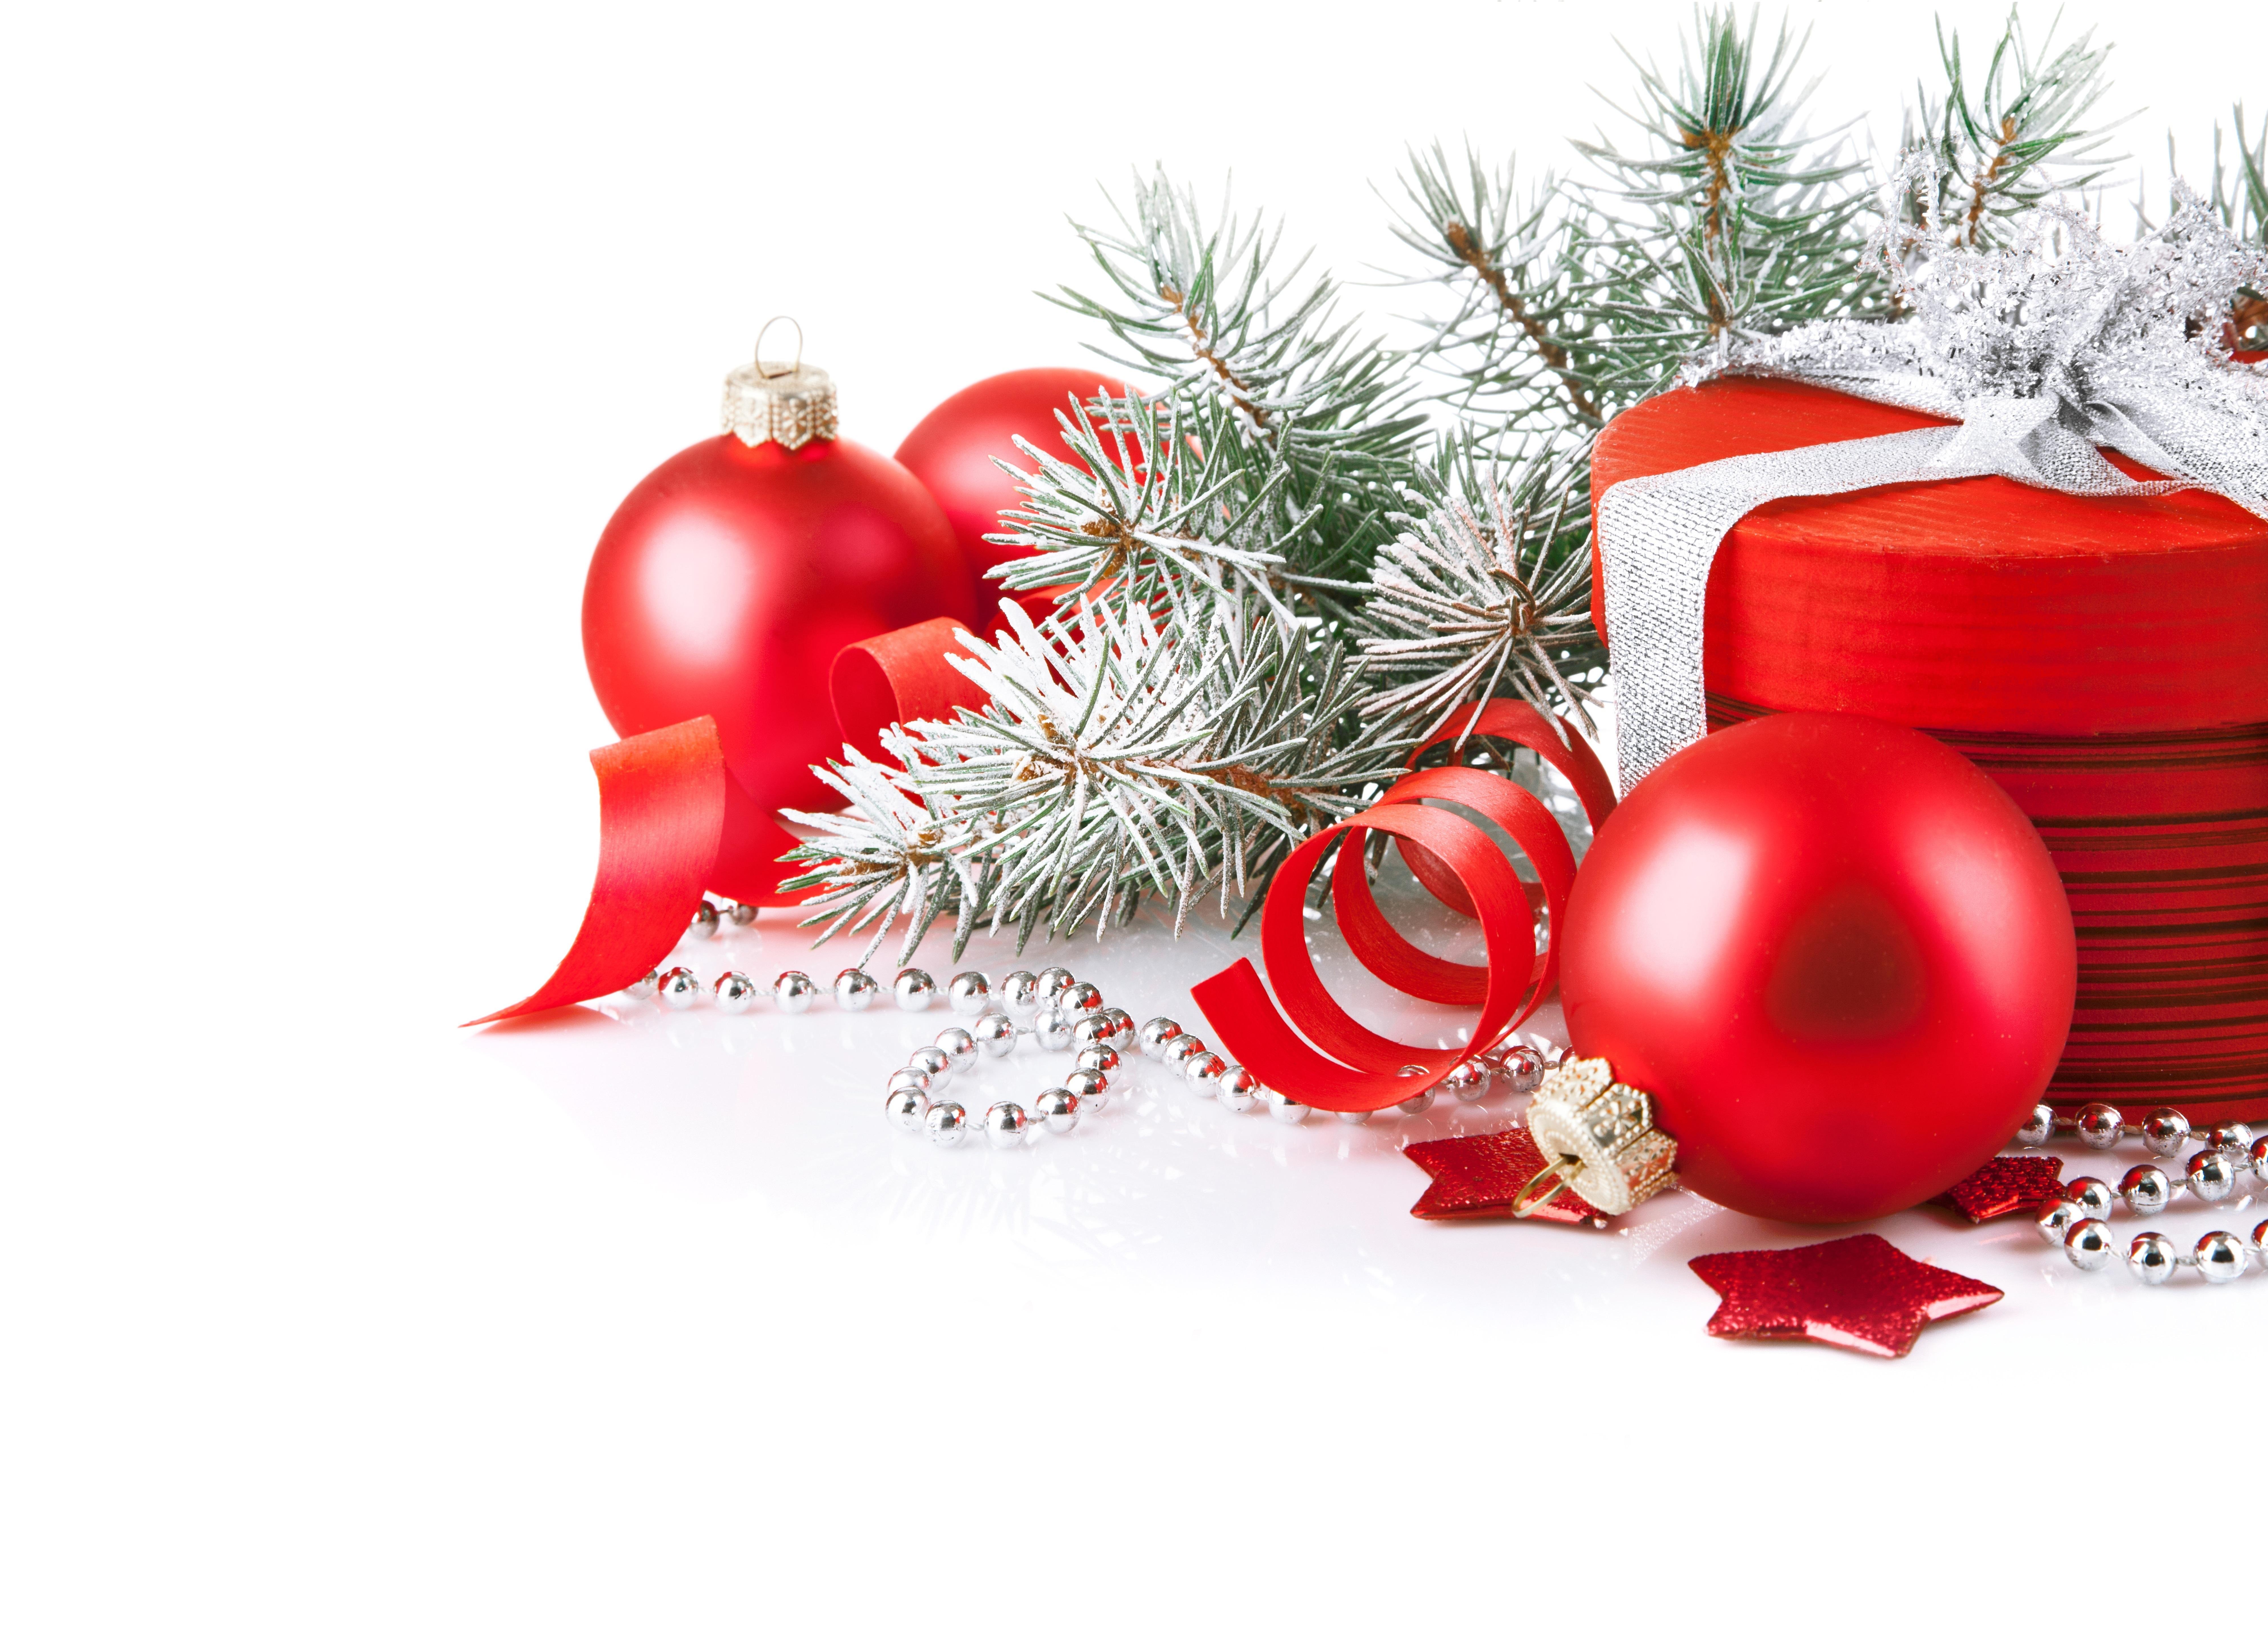 Fotos von neujahr rot kugeln feiertage for Weihnachtskugeln bilder